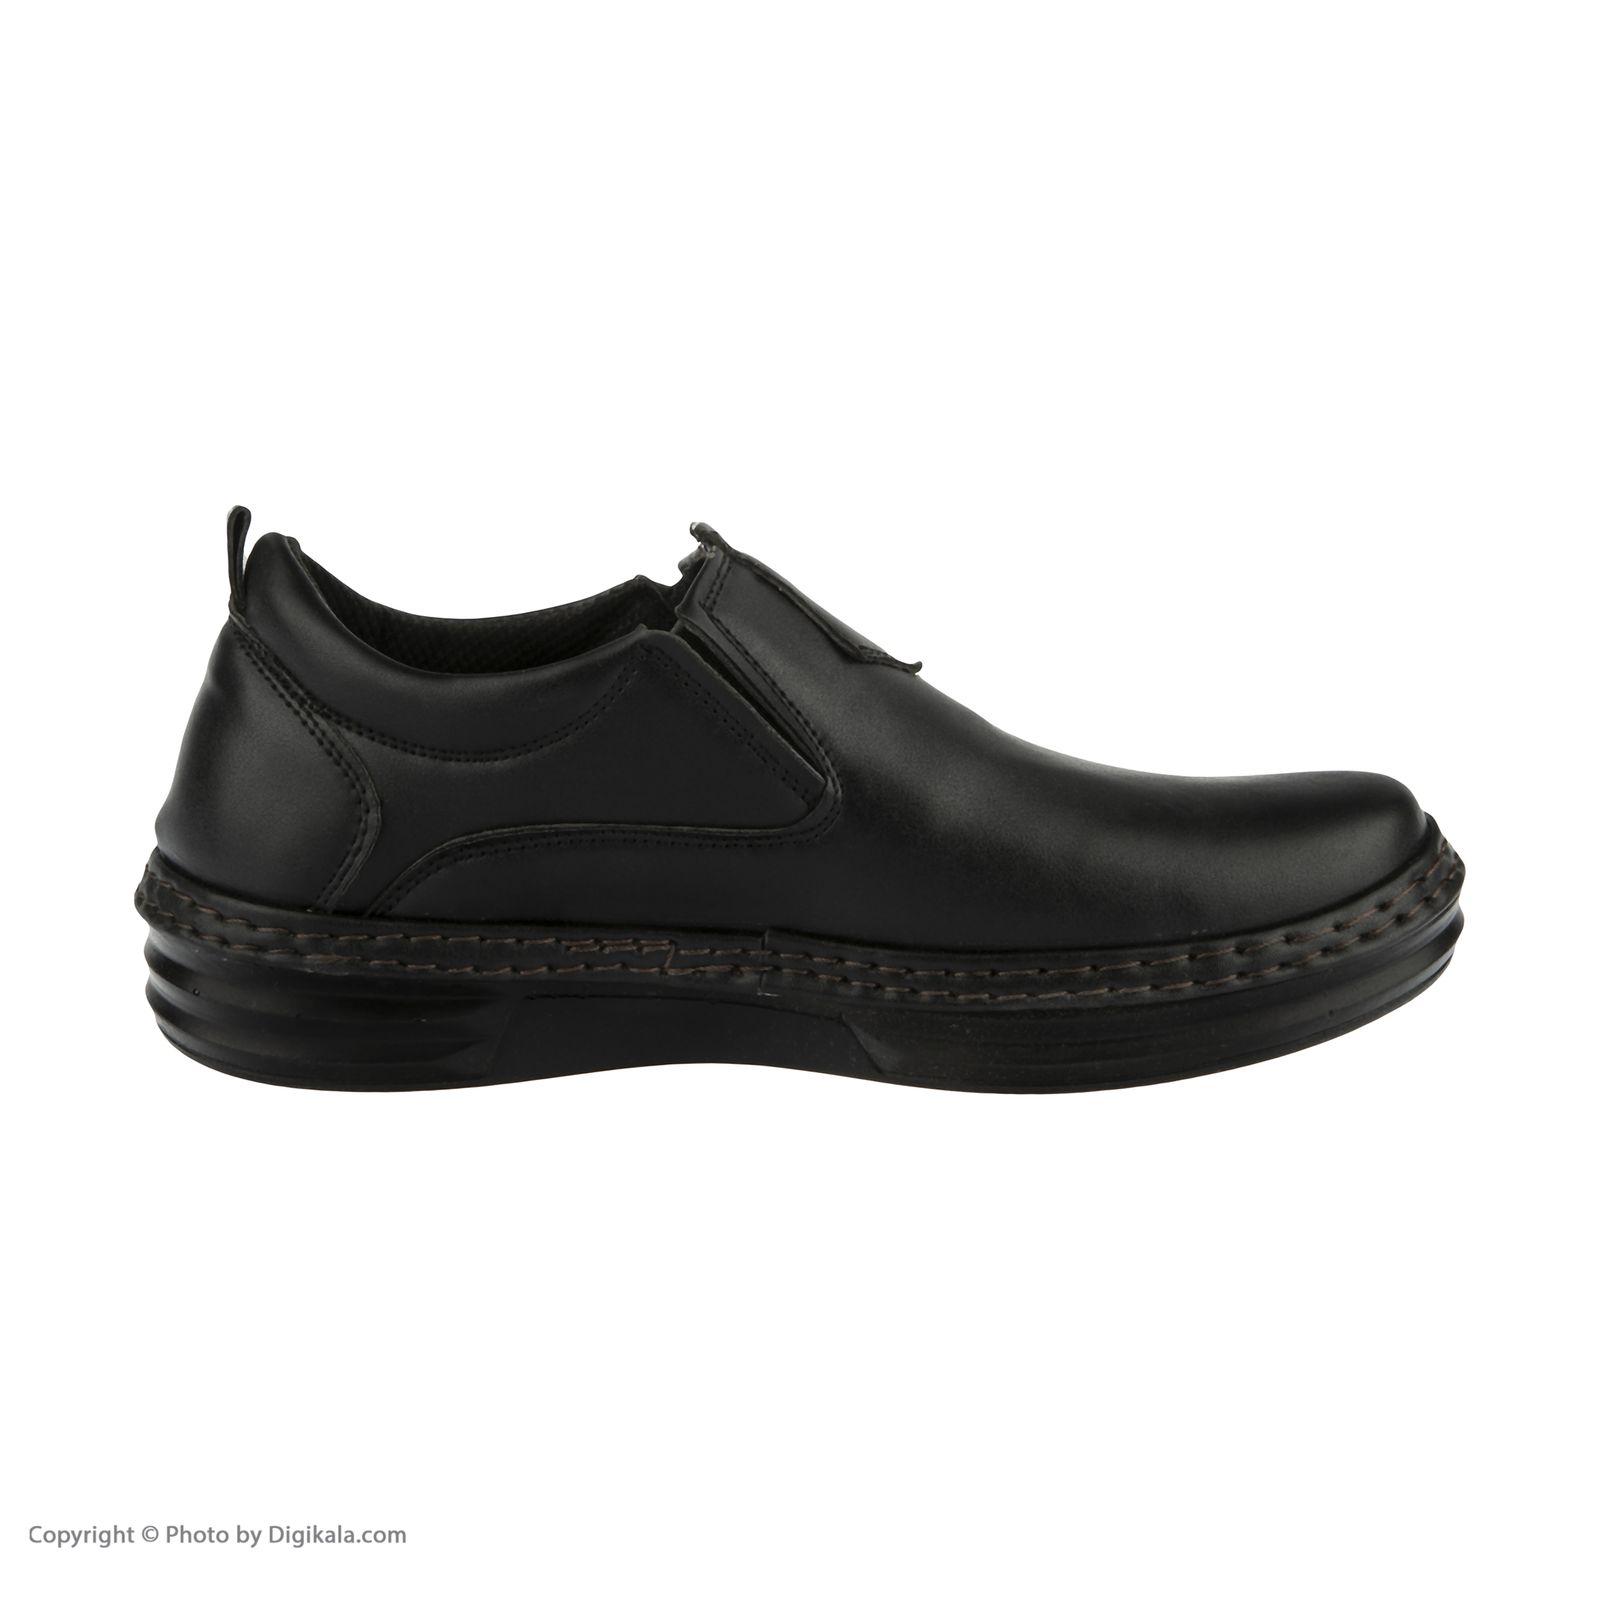 کفش روزمره مردانه اسپرت من مدل 40024-1-13  -  - 7